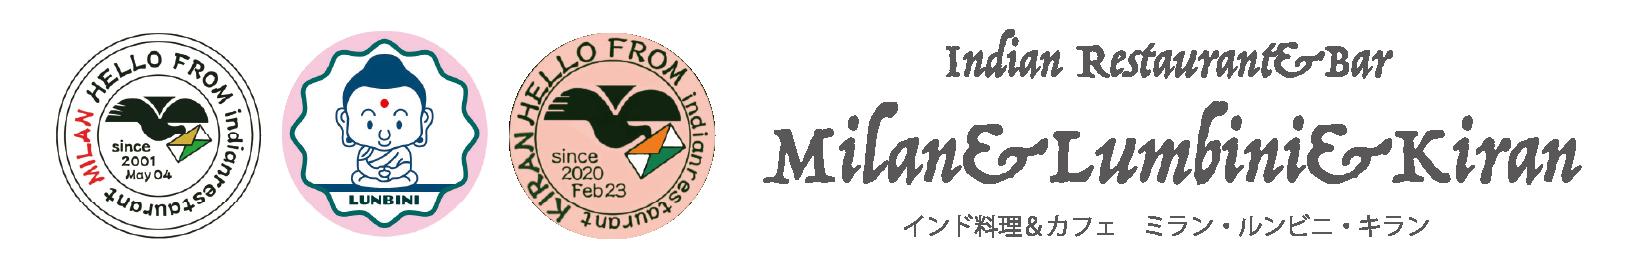 ミラン・ルンビニ・キラン